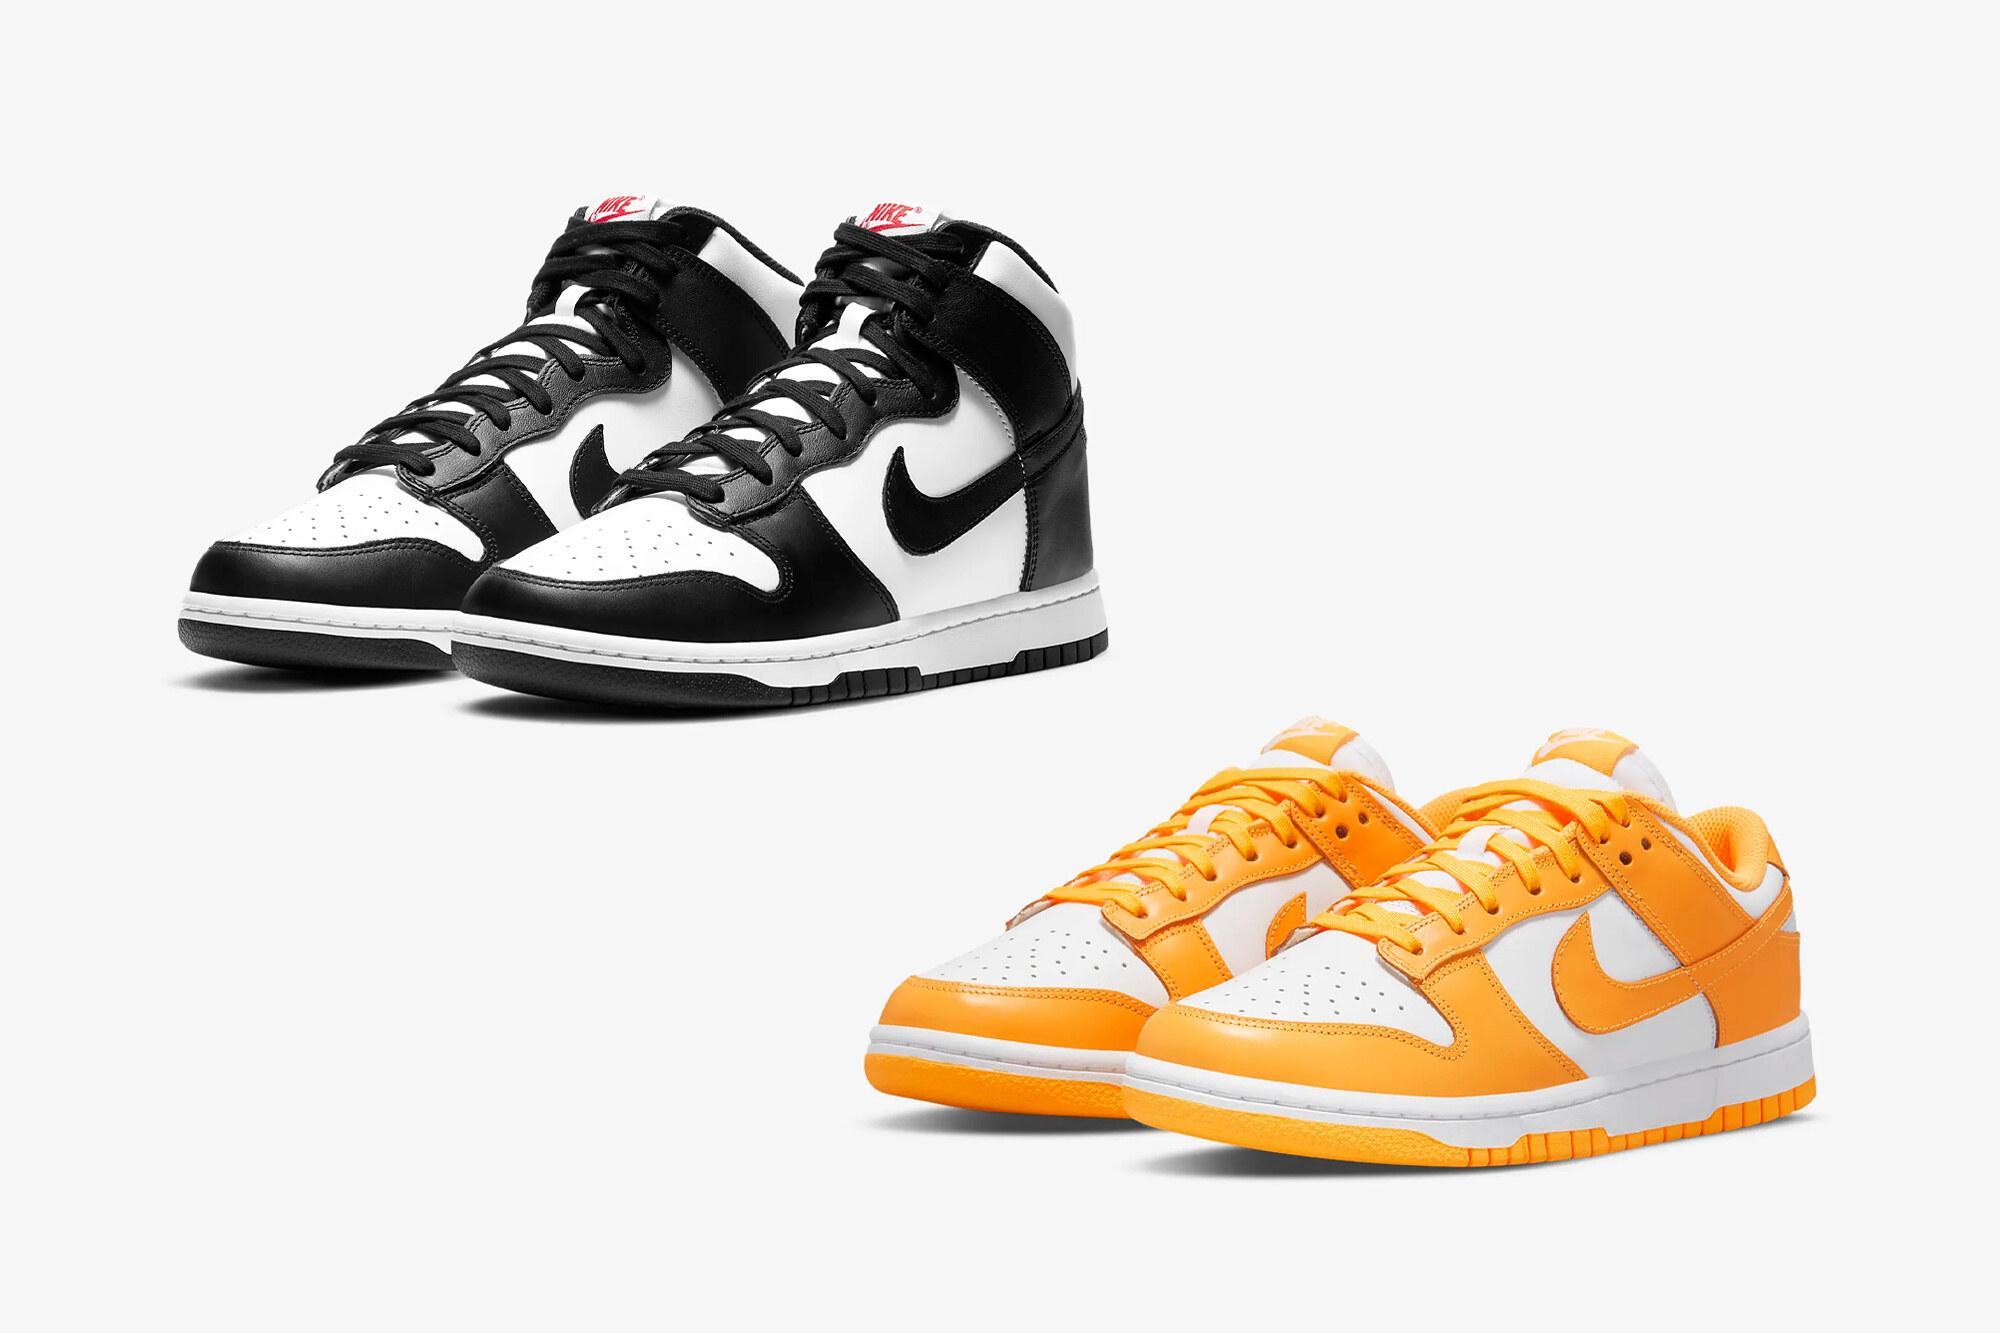 Nike Dunk Panda - Laser Orange